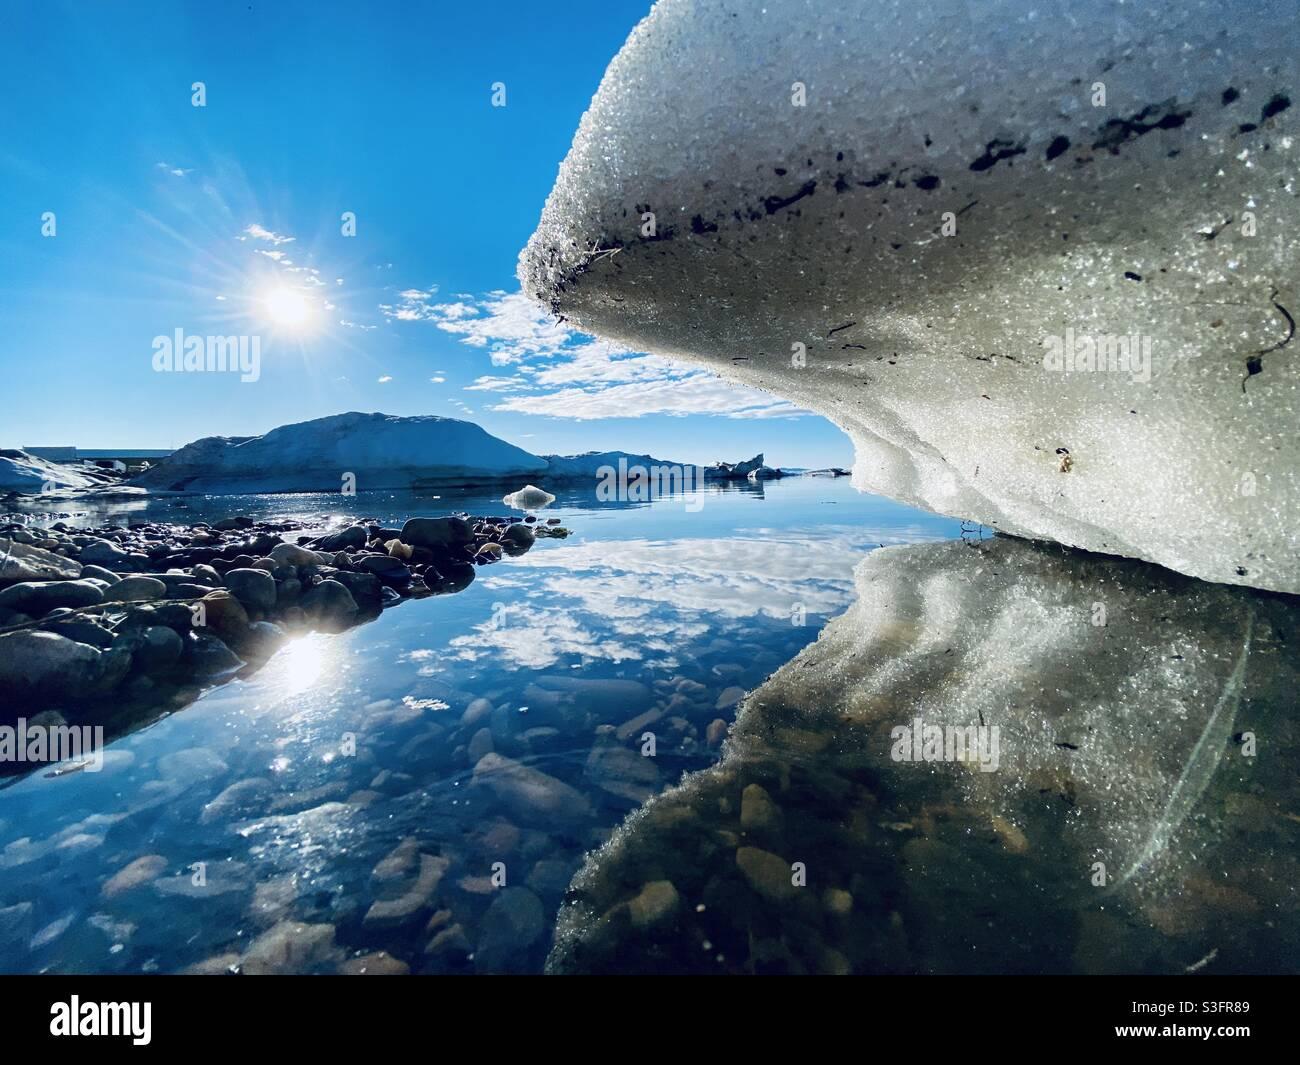 Die Eisscholle aus dem jährlichen Bruch des Meeres- und Flusseises im Kotzbue Sound in der arktischen Region Alaskas. Kotzebue, Alaska, USA Stockfoto